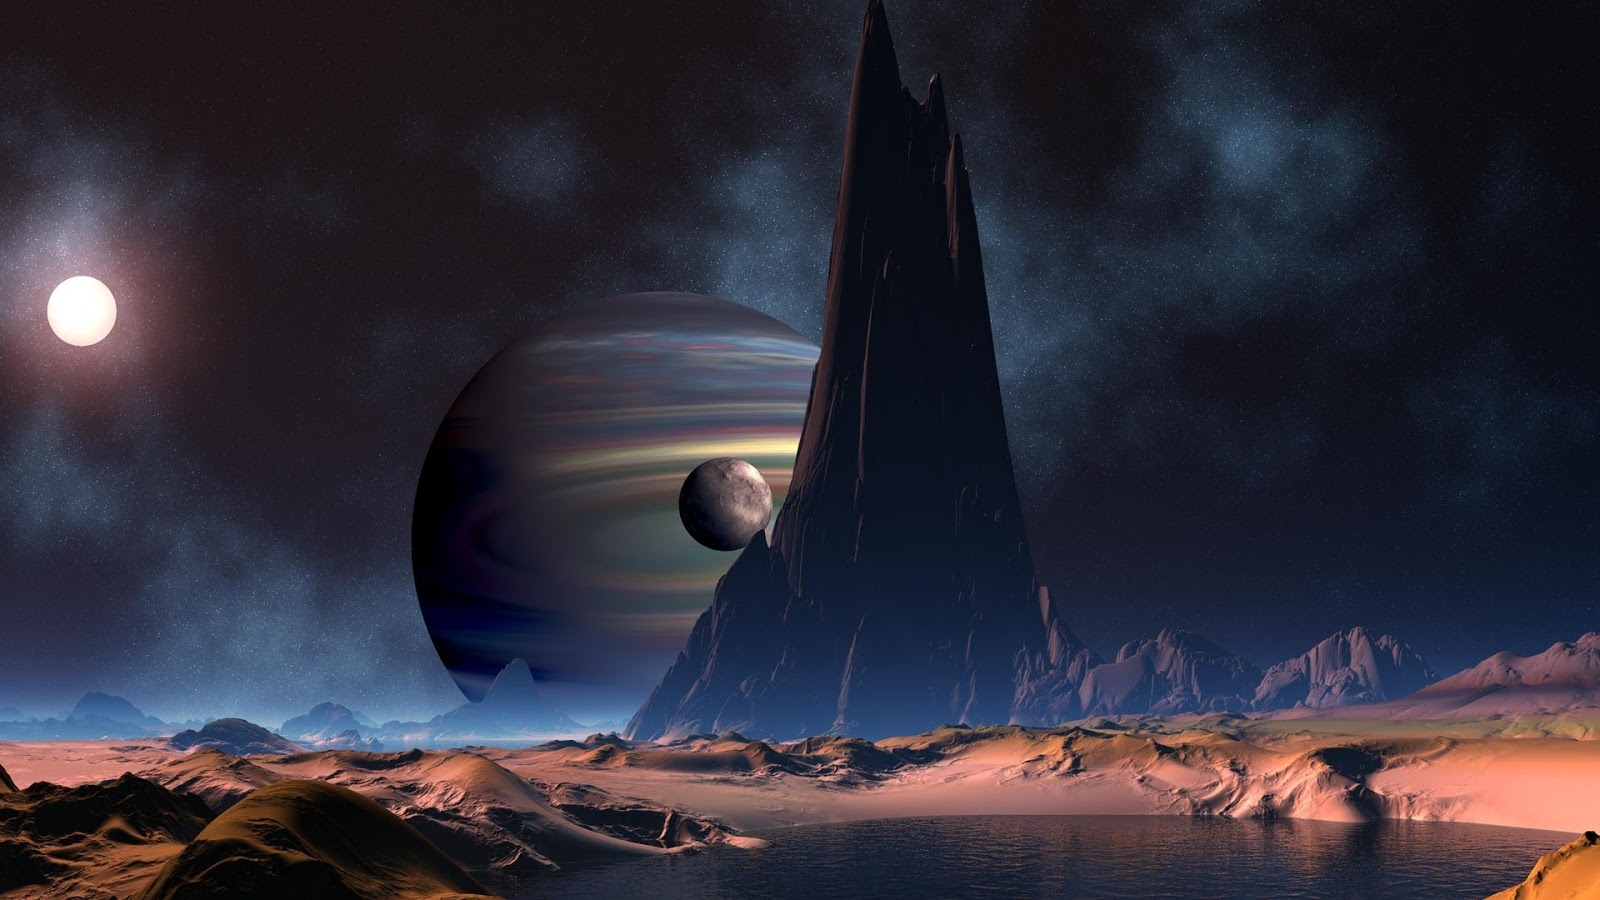 Ruimte planeet met water hd wallpapers - Ruimte van water kleine ruimte ...